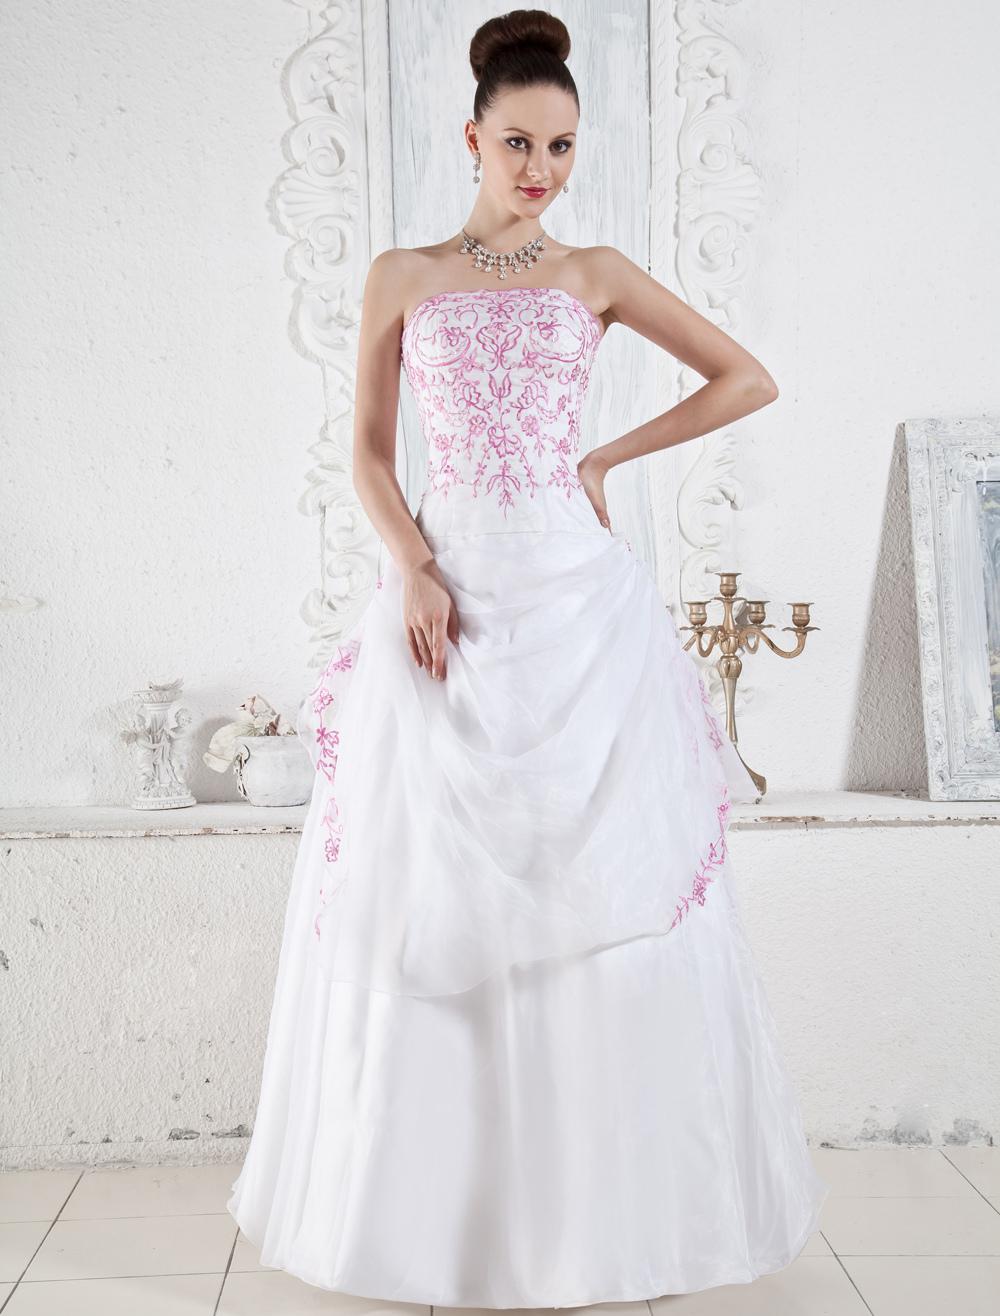 Brautkleider Rosa und weiße